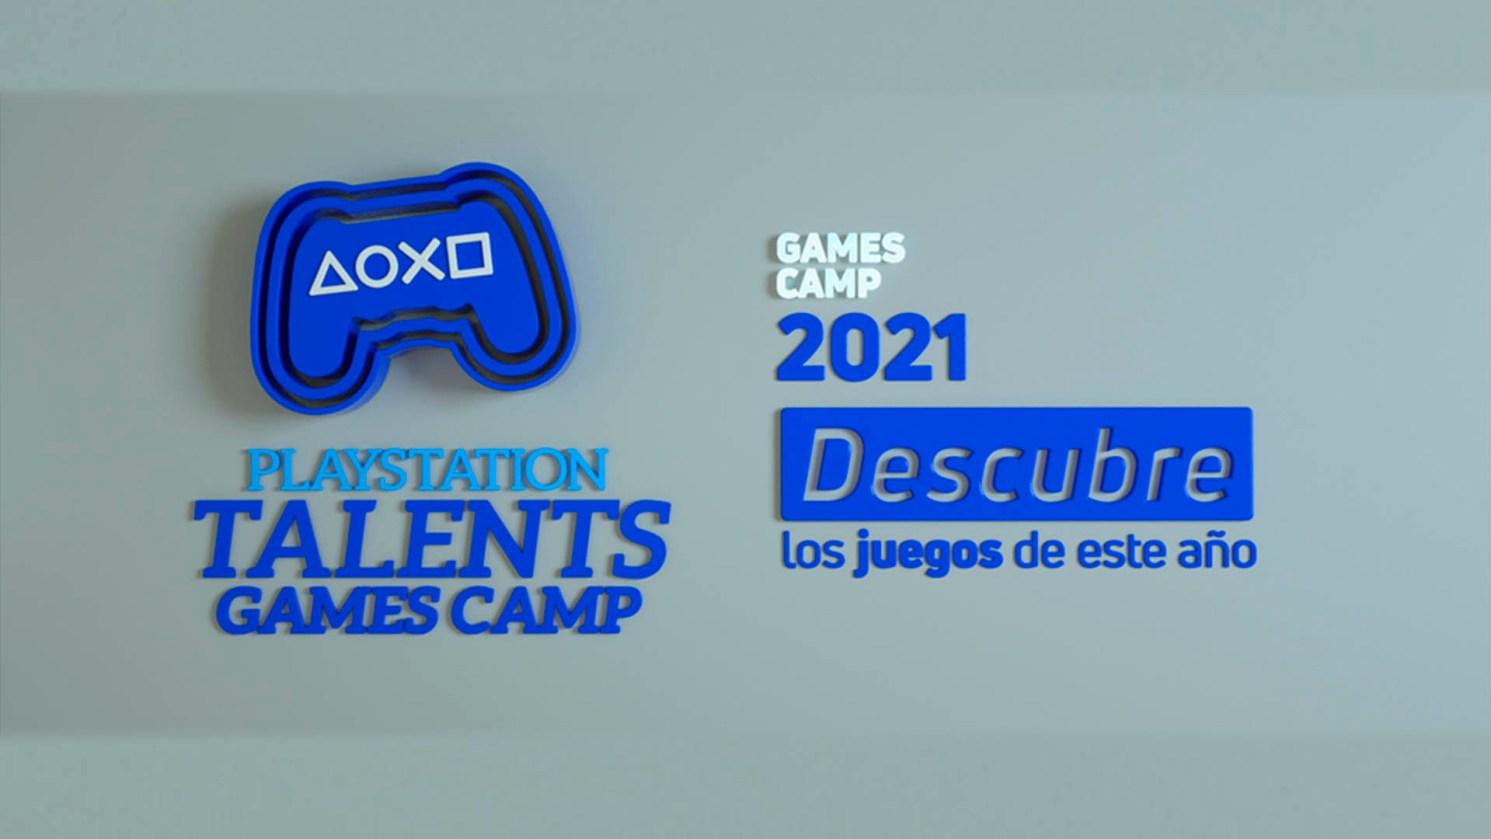 Lanzadera en PlayStation Talents Games Camp 2021